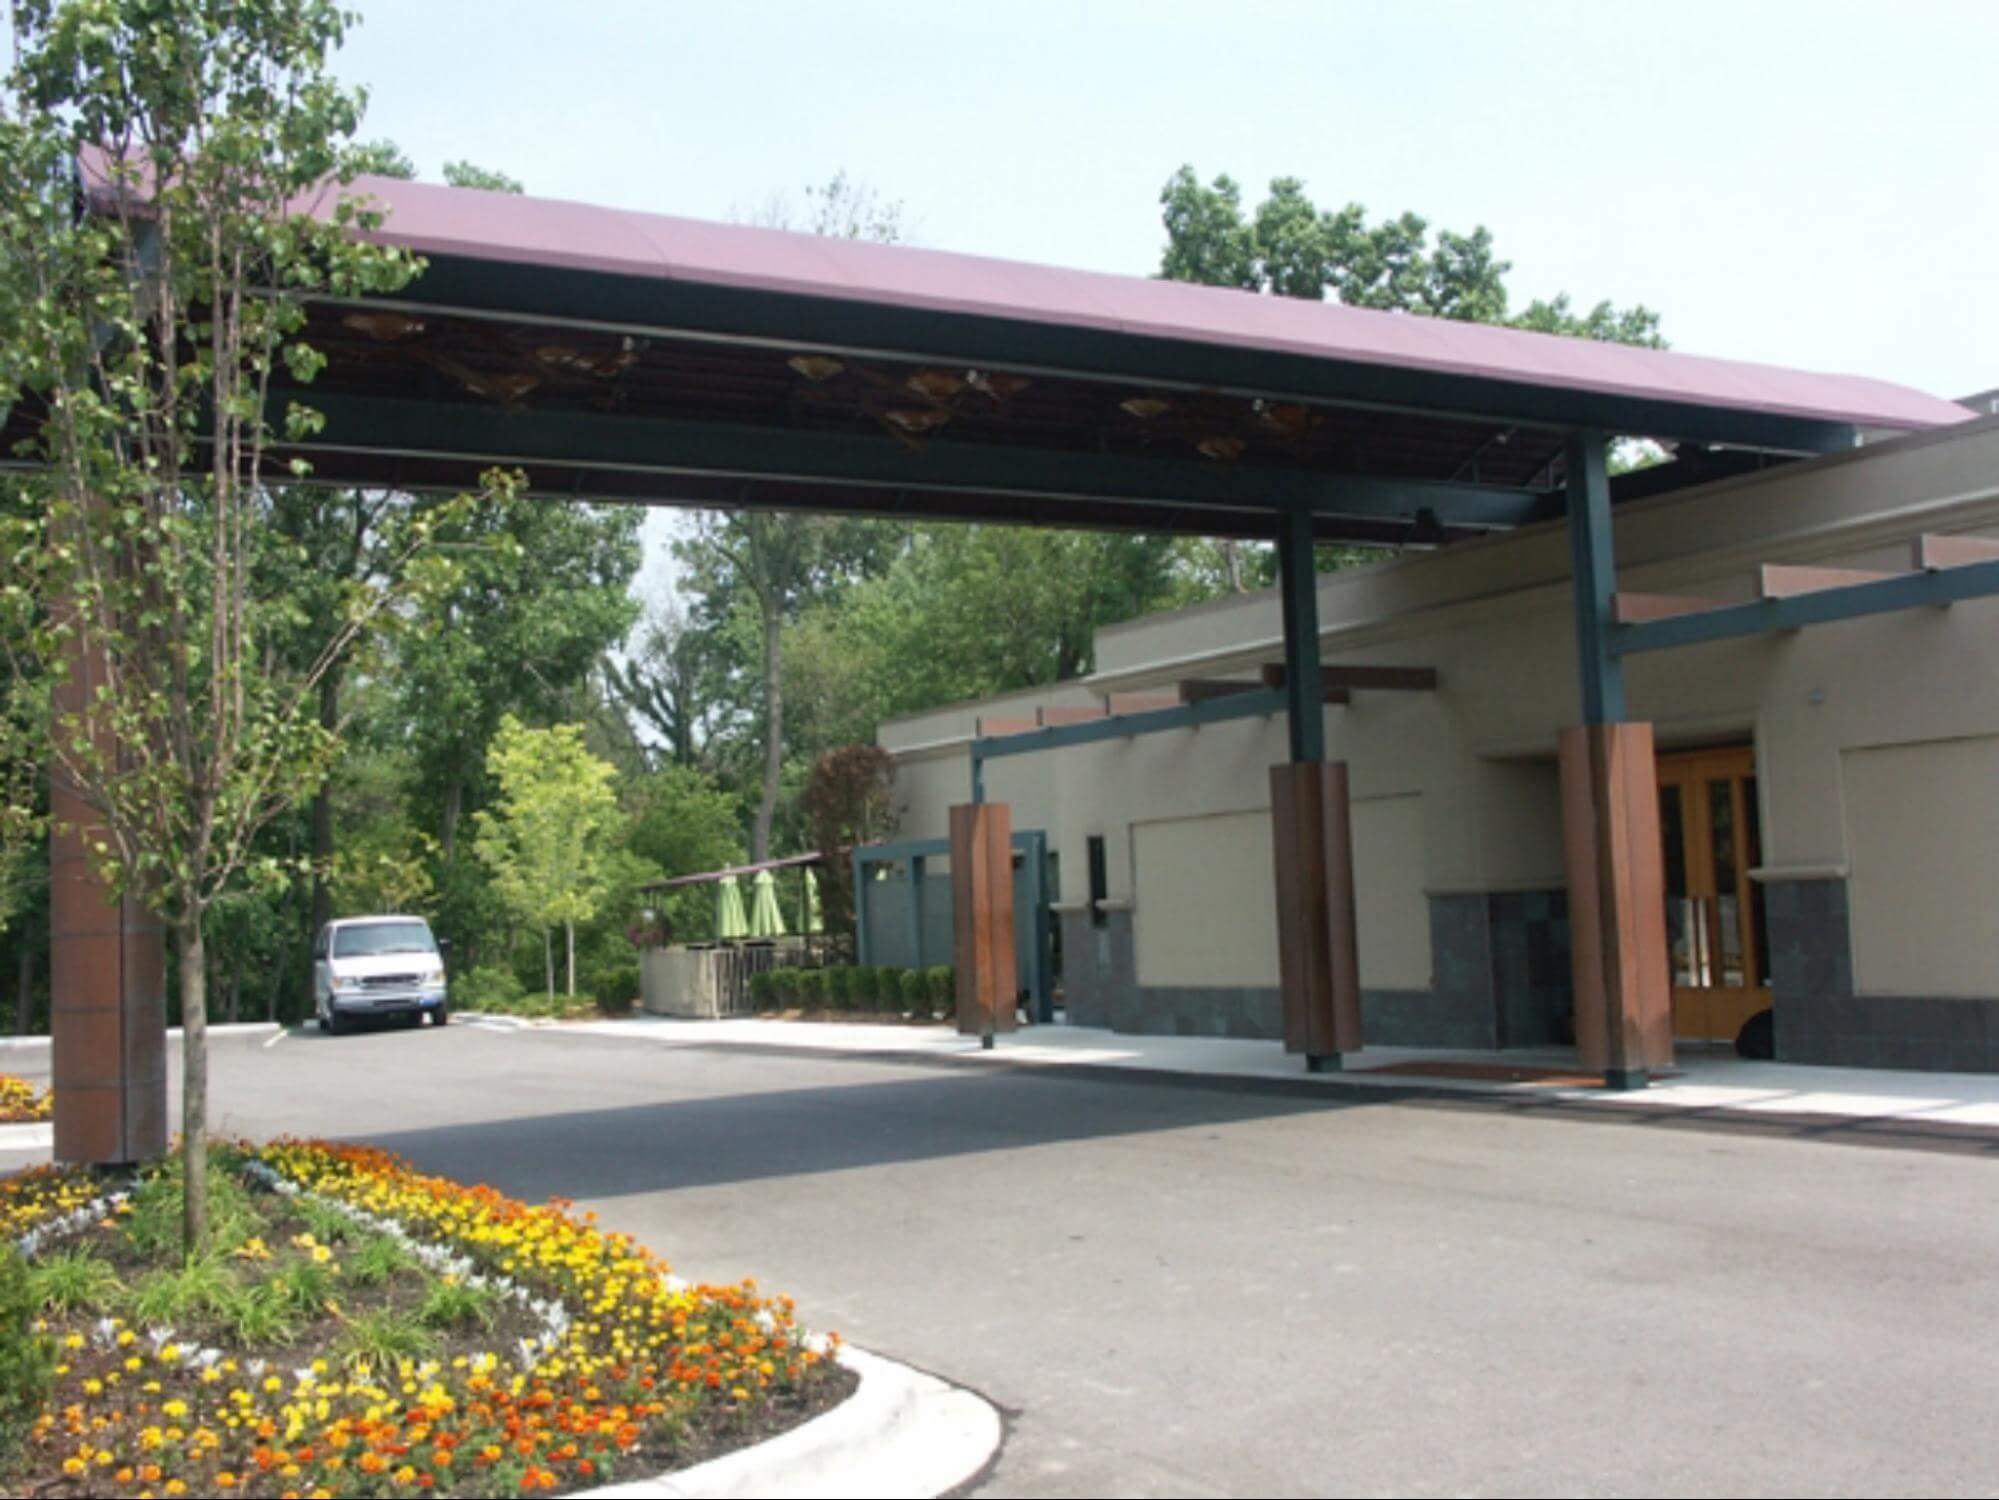 Commercial awning - Toledo Ohio - The Keys restaurant awning - Marygrove Awnings